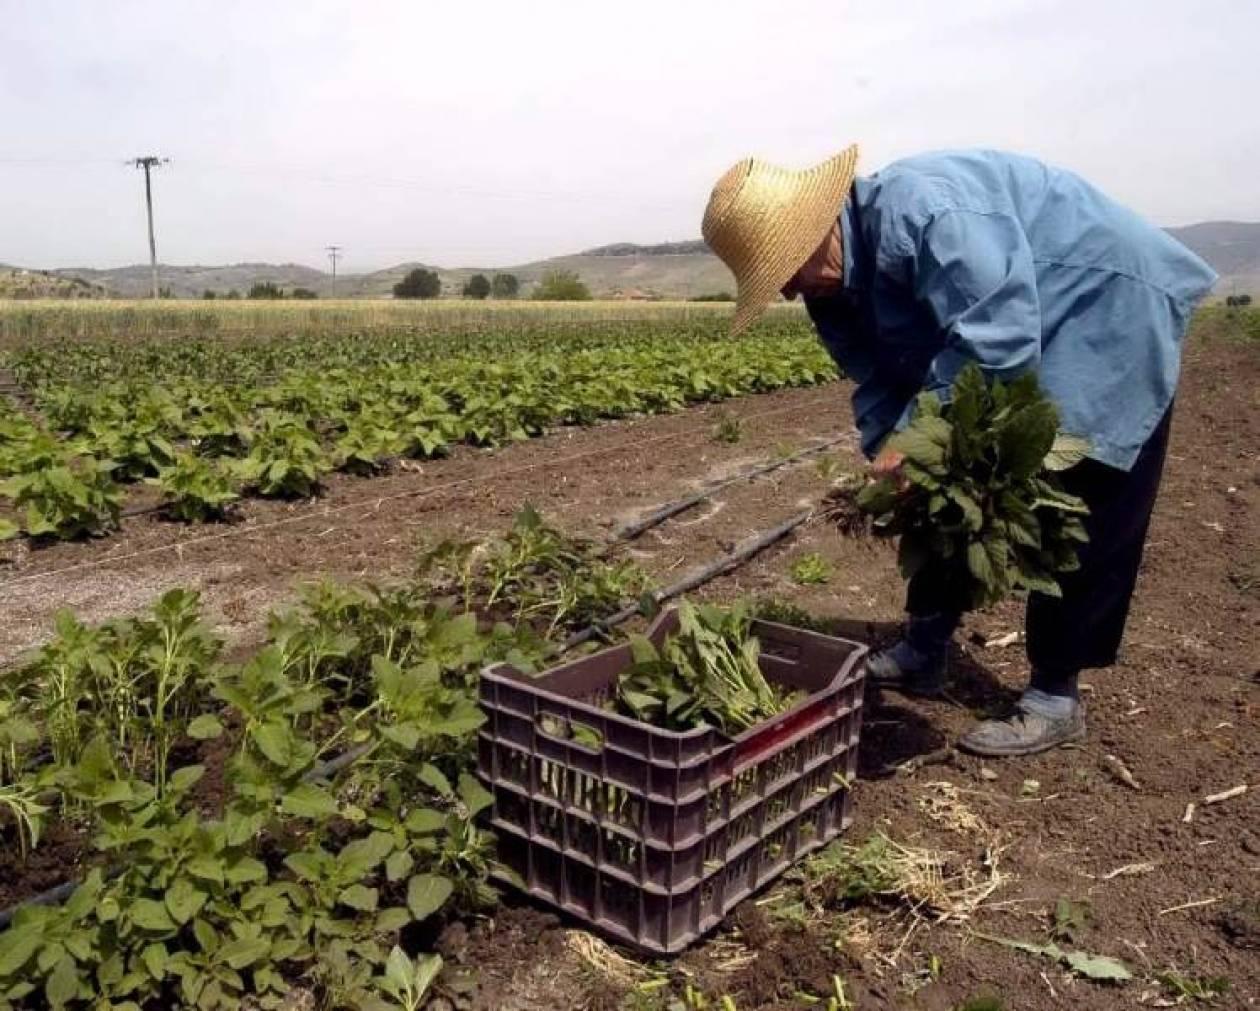 ΥΠΟΙΚ: Διευκρινίσεις για υποβολή μισθωτηρίων από αγρότες